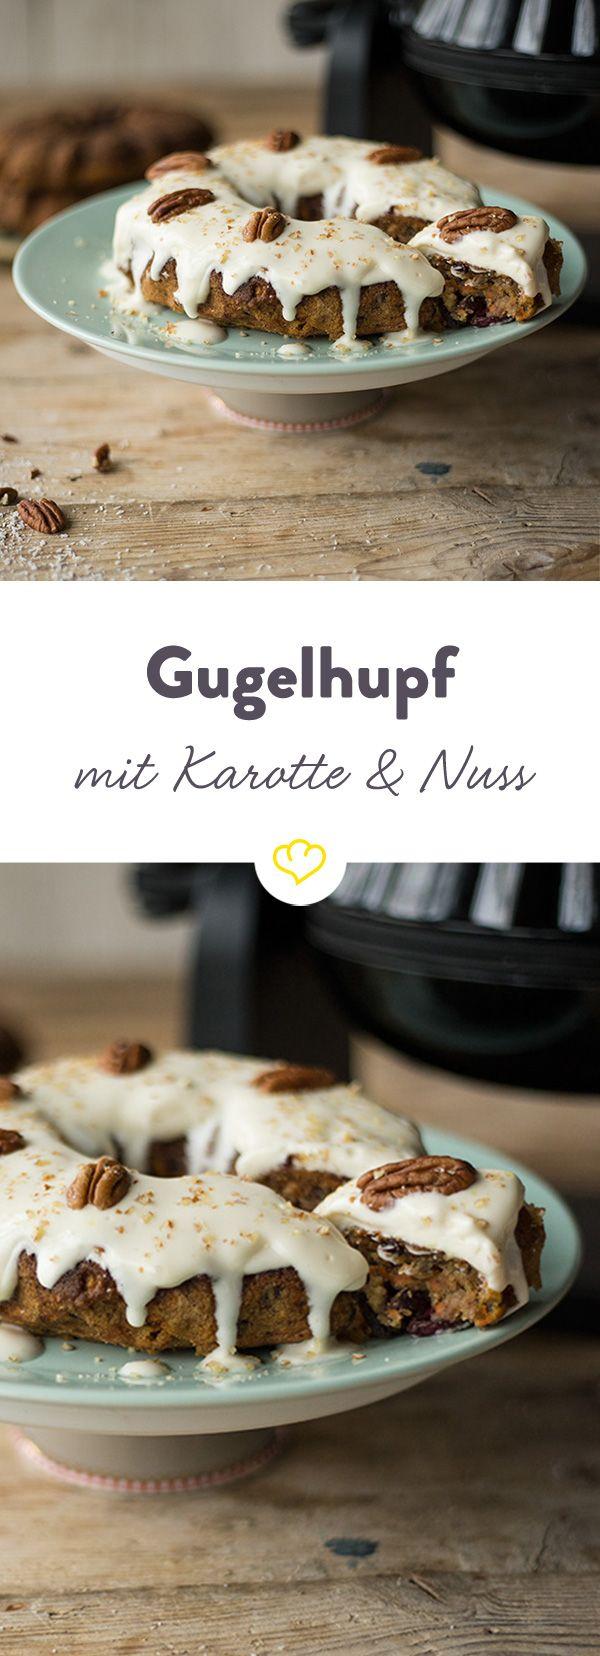 Der Karotten-Gugelhupf aus dem Unold Kuchenbäcker ist schnell gemacht und bringt angenehm exotisches Flair auf deinen Kaffeetisch.